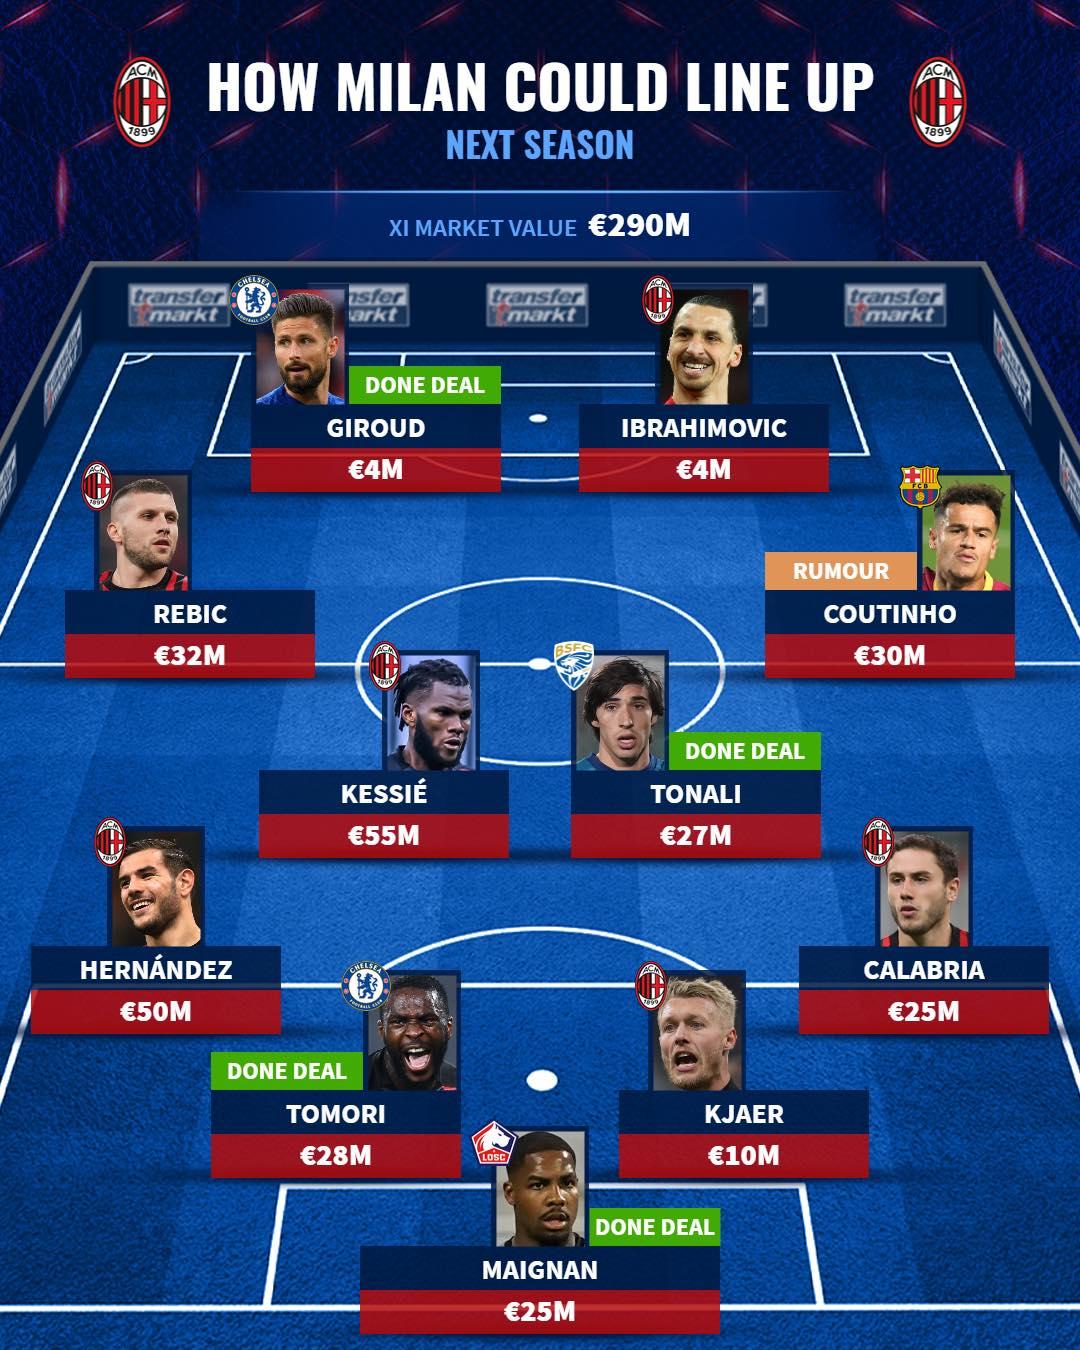 Đón 2 tân binh từ Chelsea, đội hình AC Milan mùa sau mạnh cỡ nào? - Bóng Đá